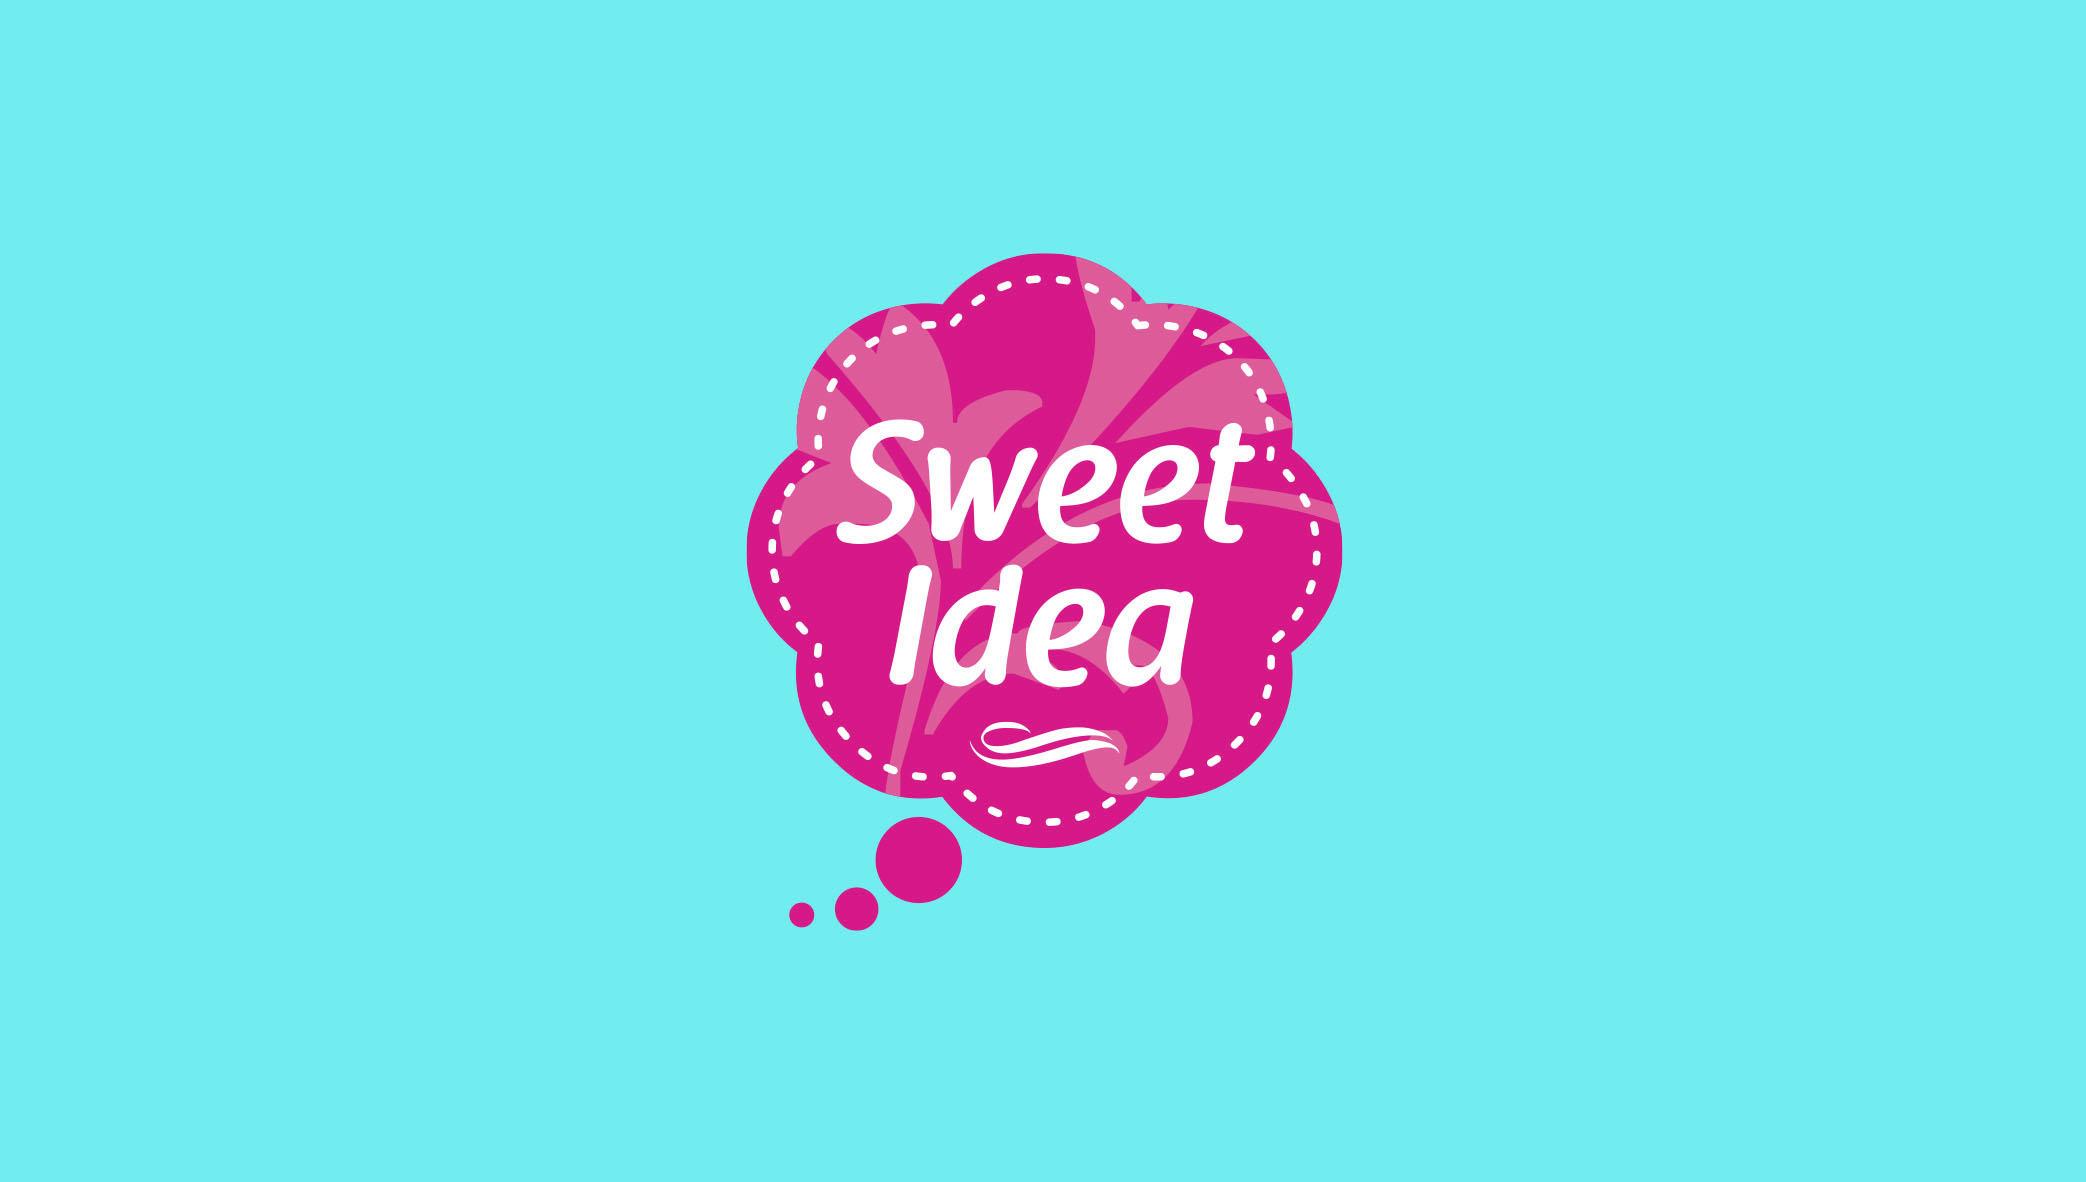 sweet_idea_02c-v2b